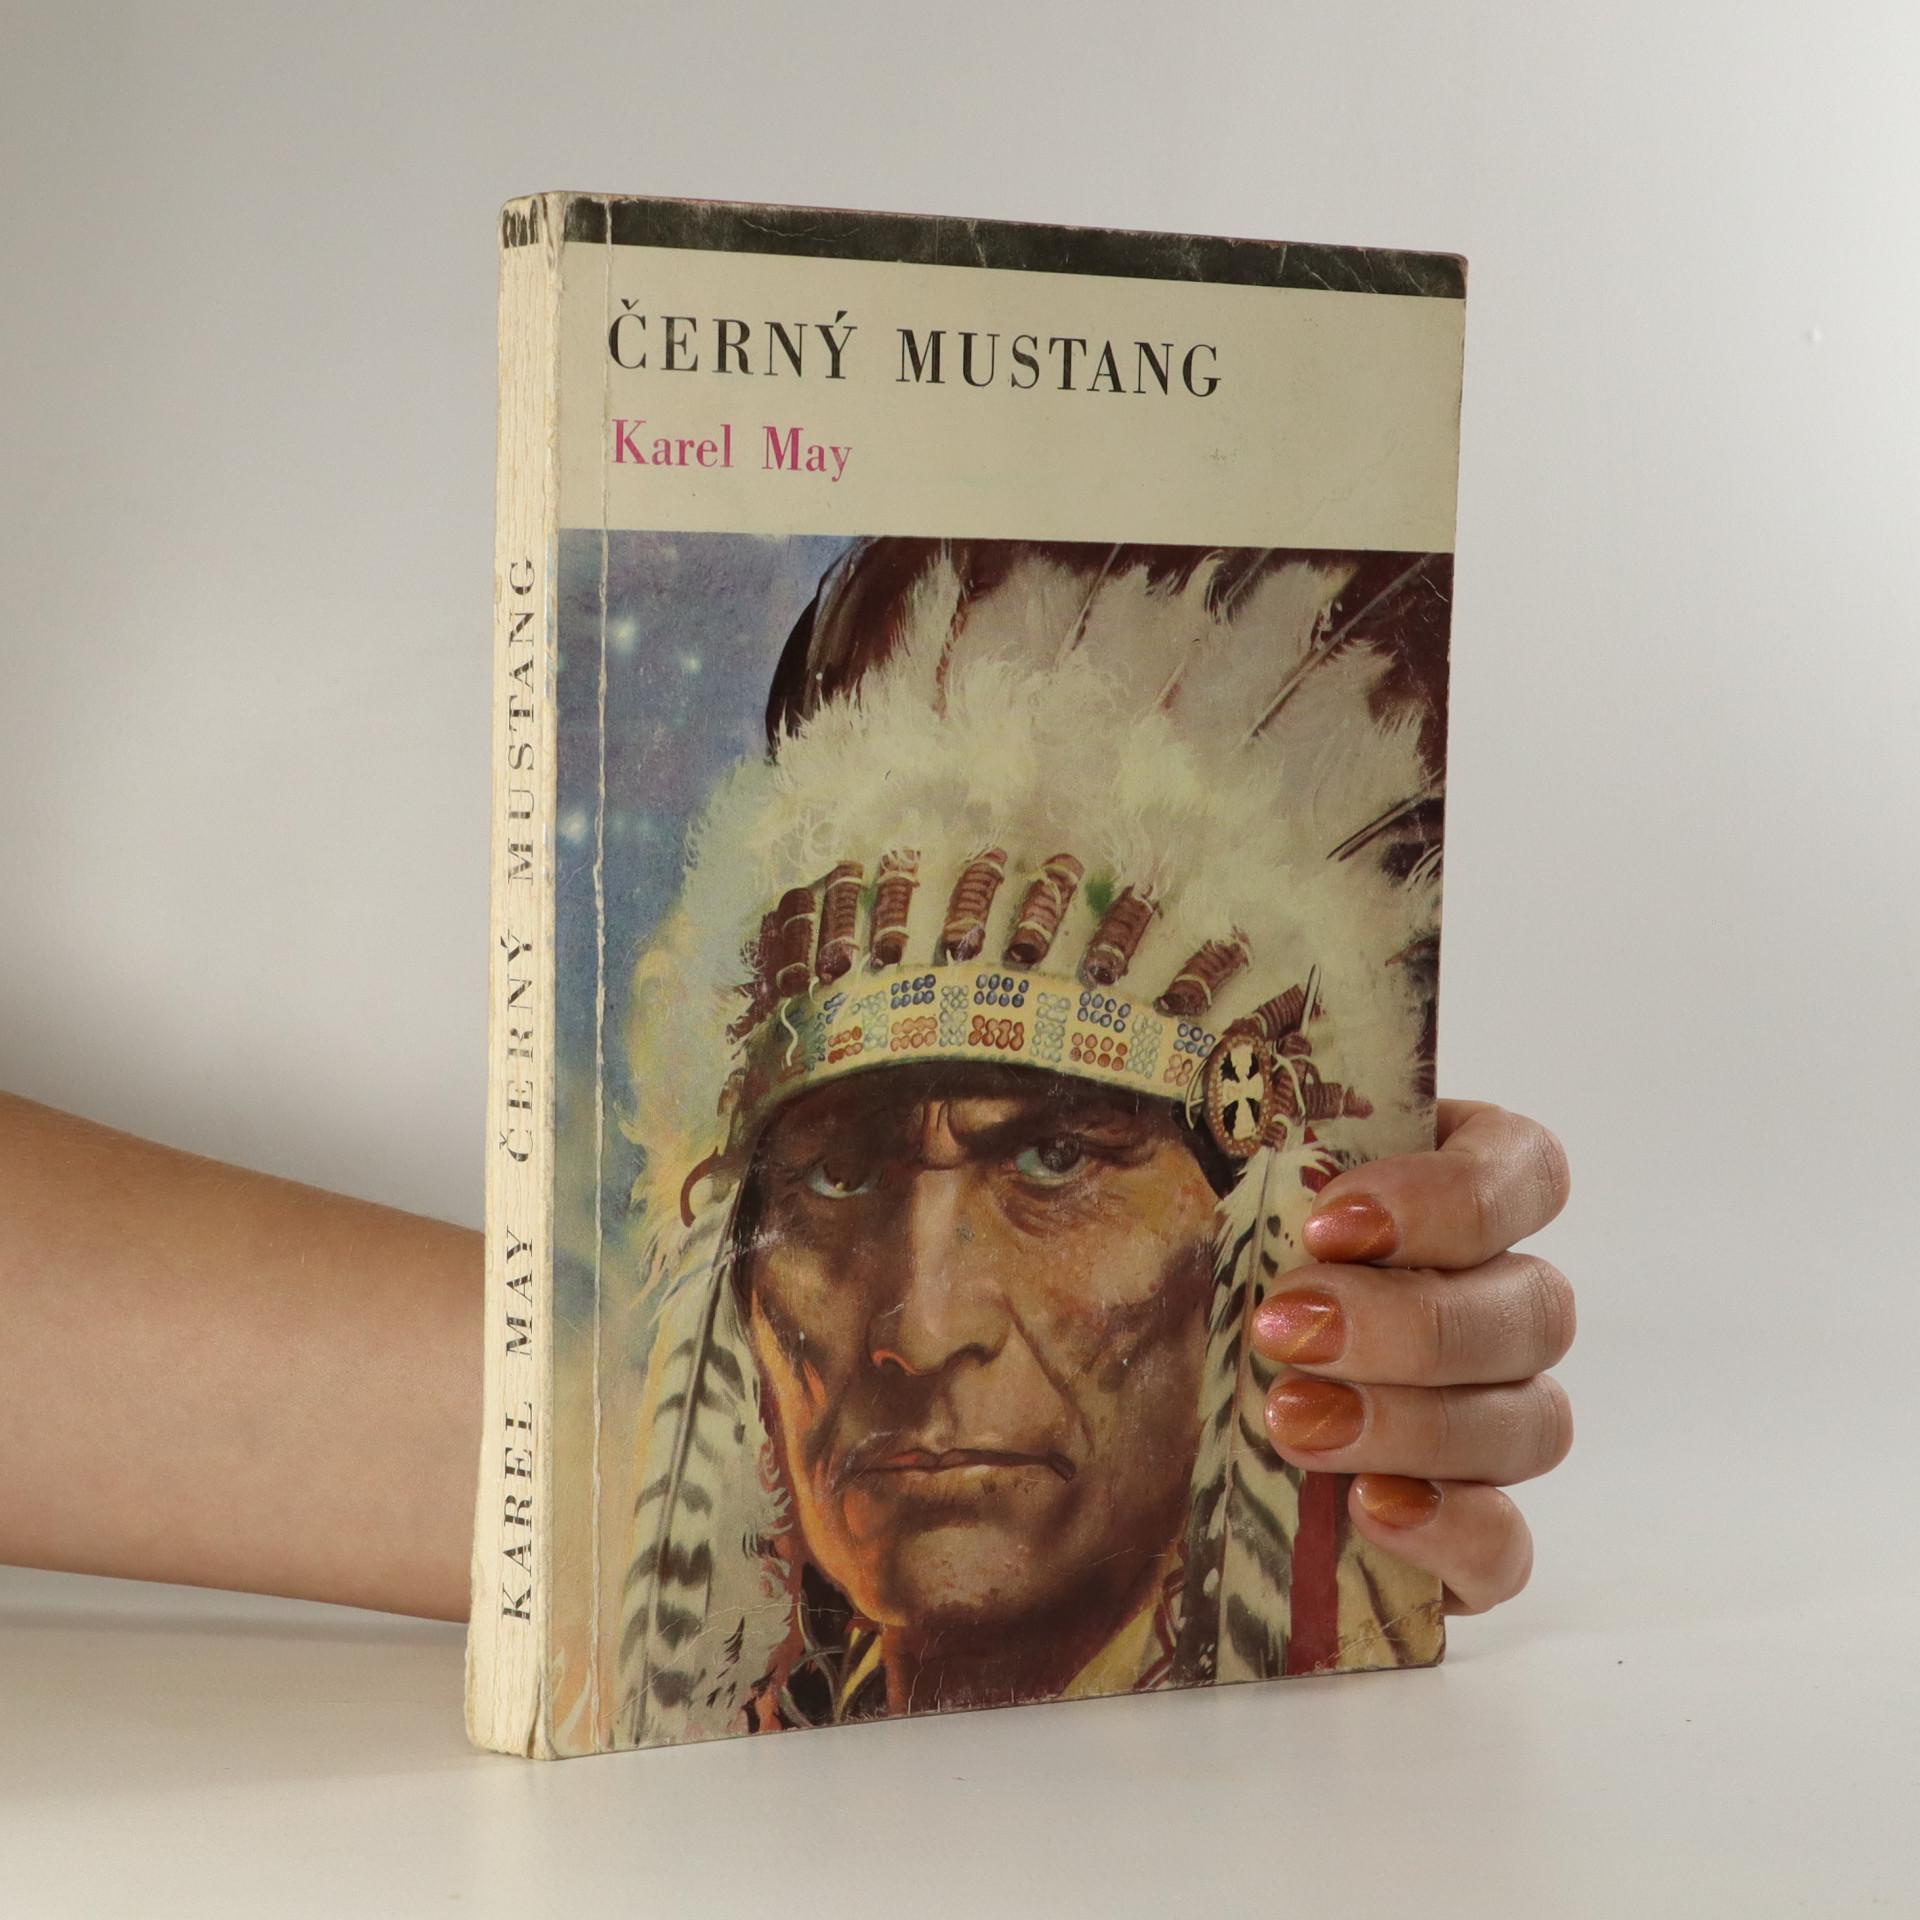 antikvární kniha Černý mustang, 1970